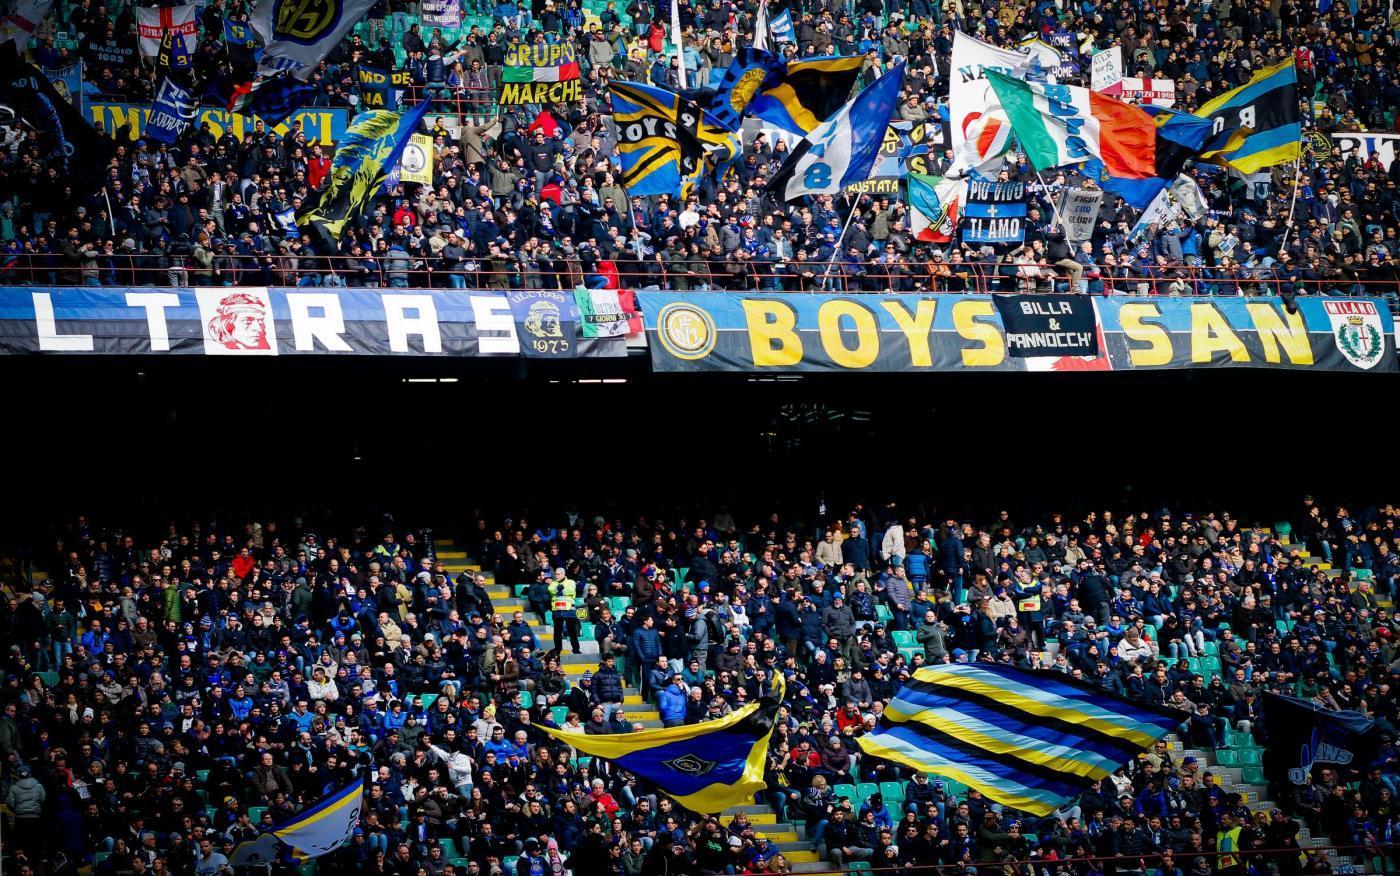 La Serie A piace: più tifosi negli stadi. Tutte le Curve del campionato